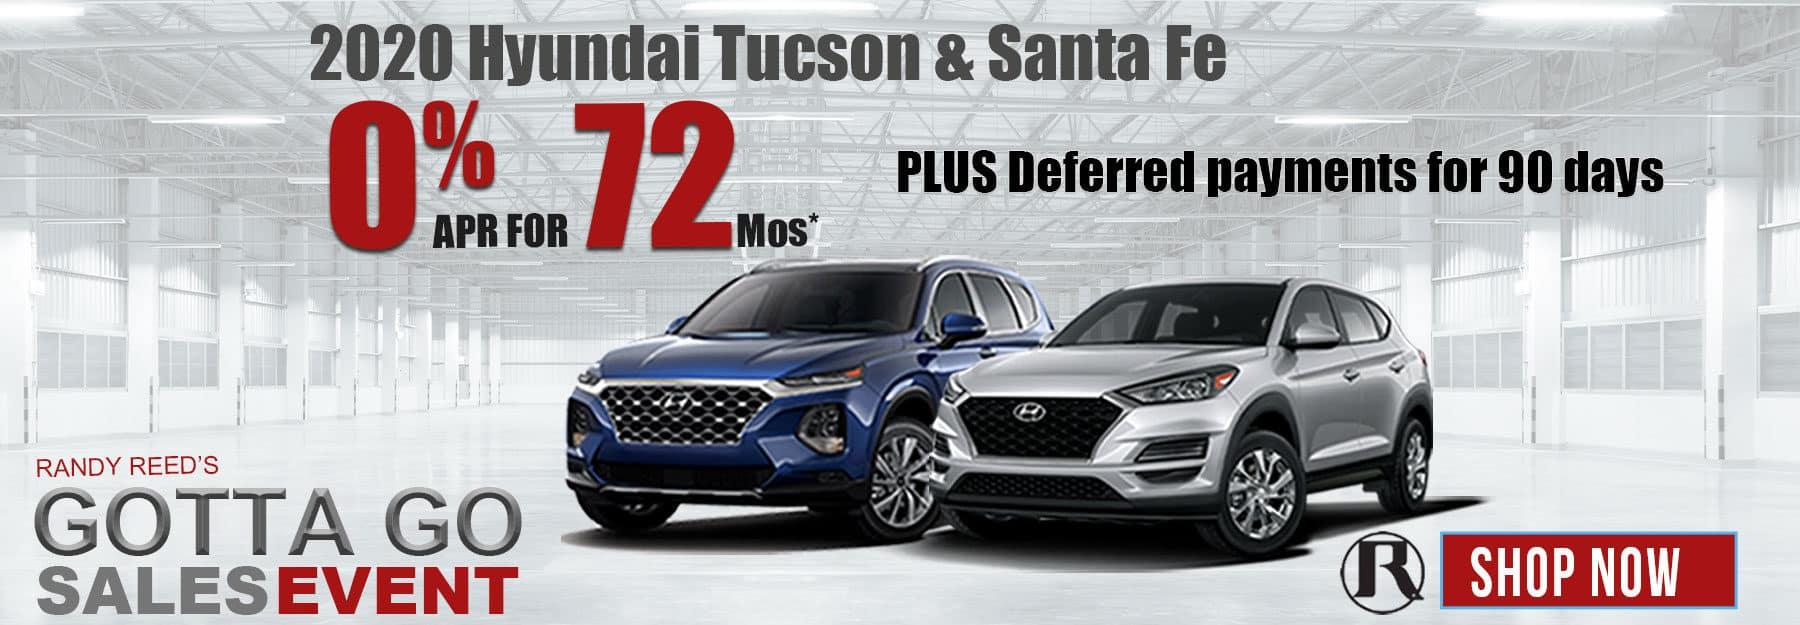 2020 Hyundai Santa Fe and 2020 Hyundai Tucson